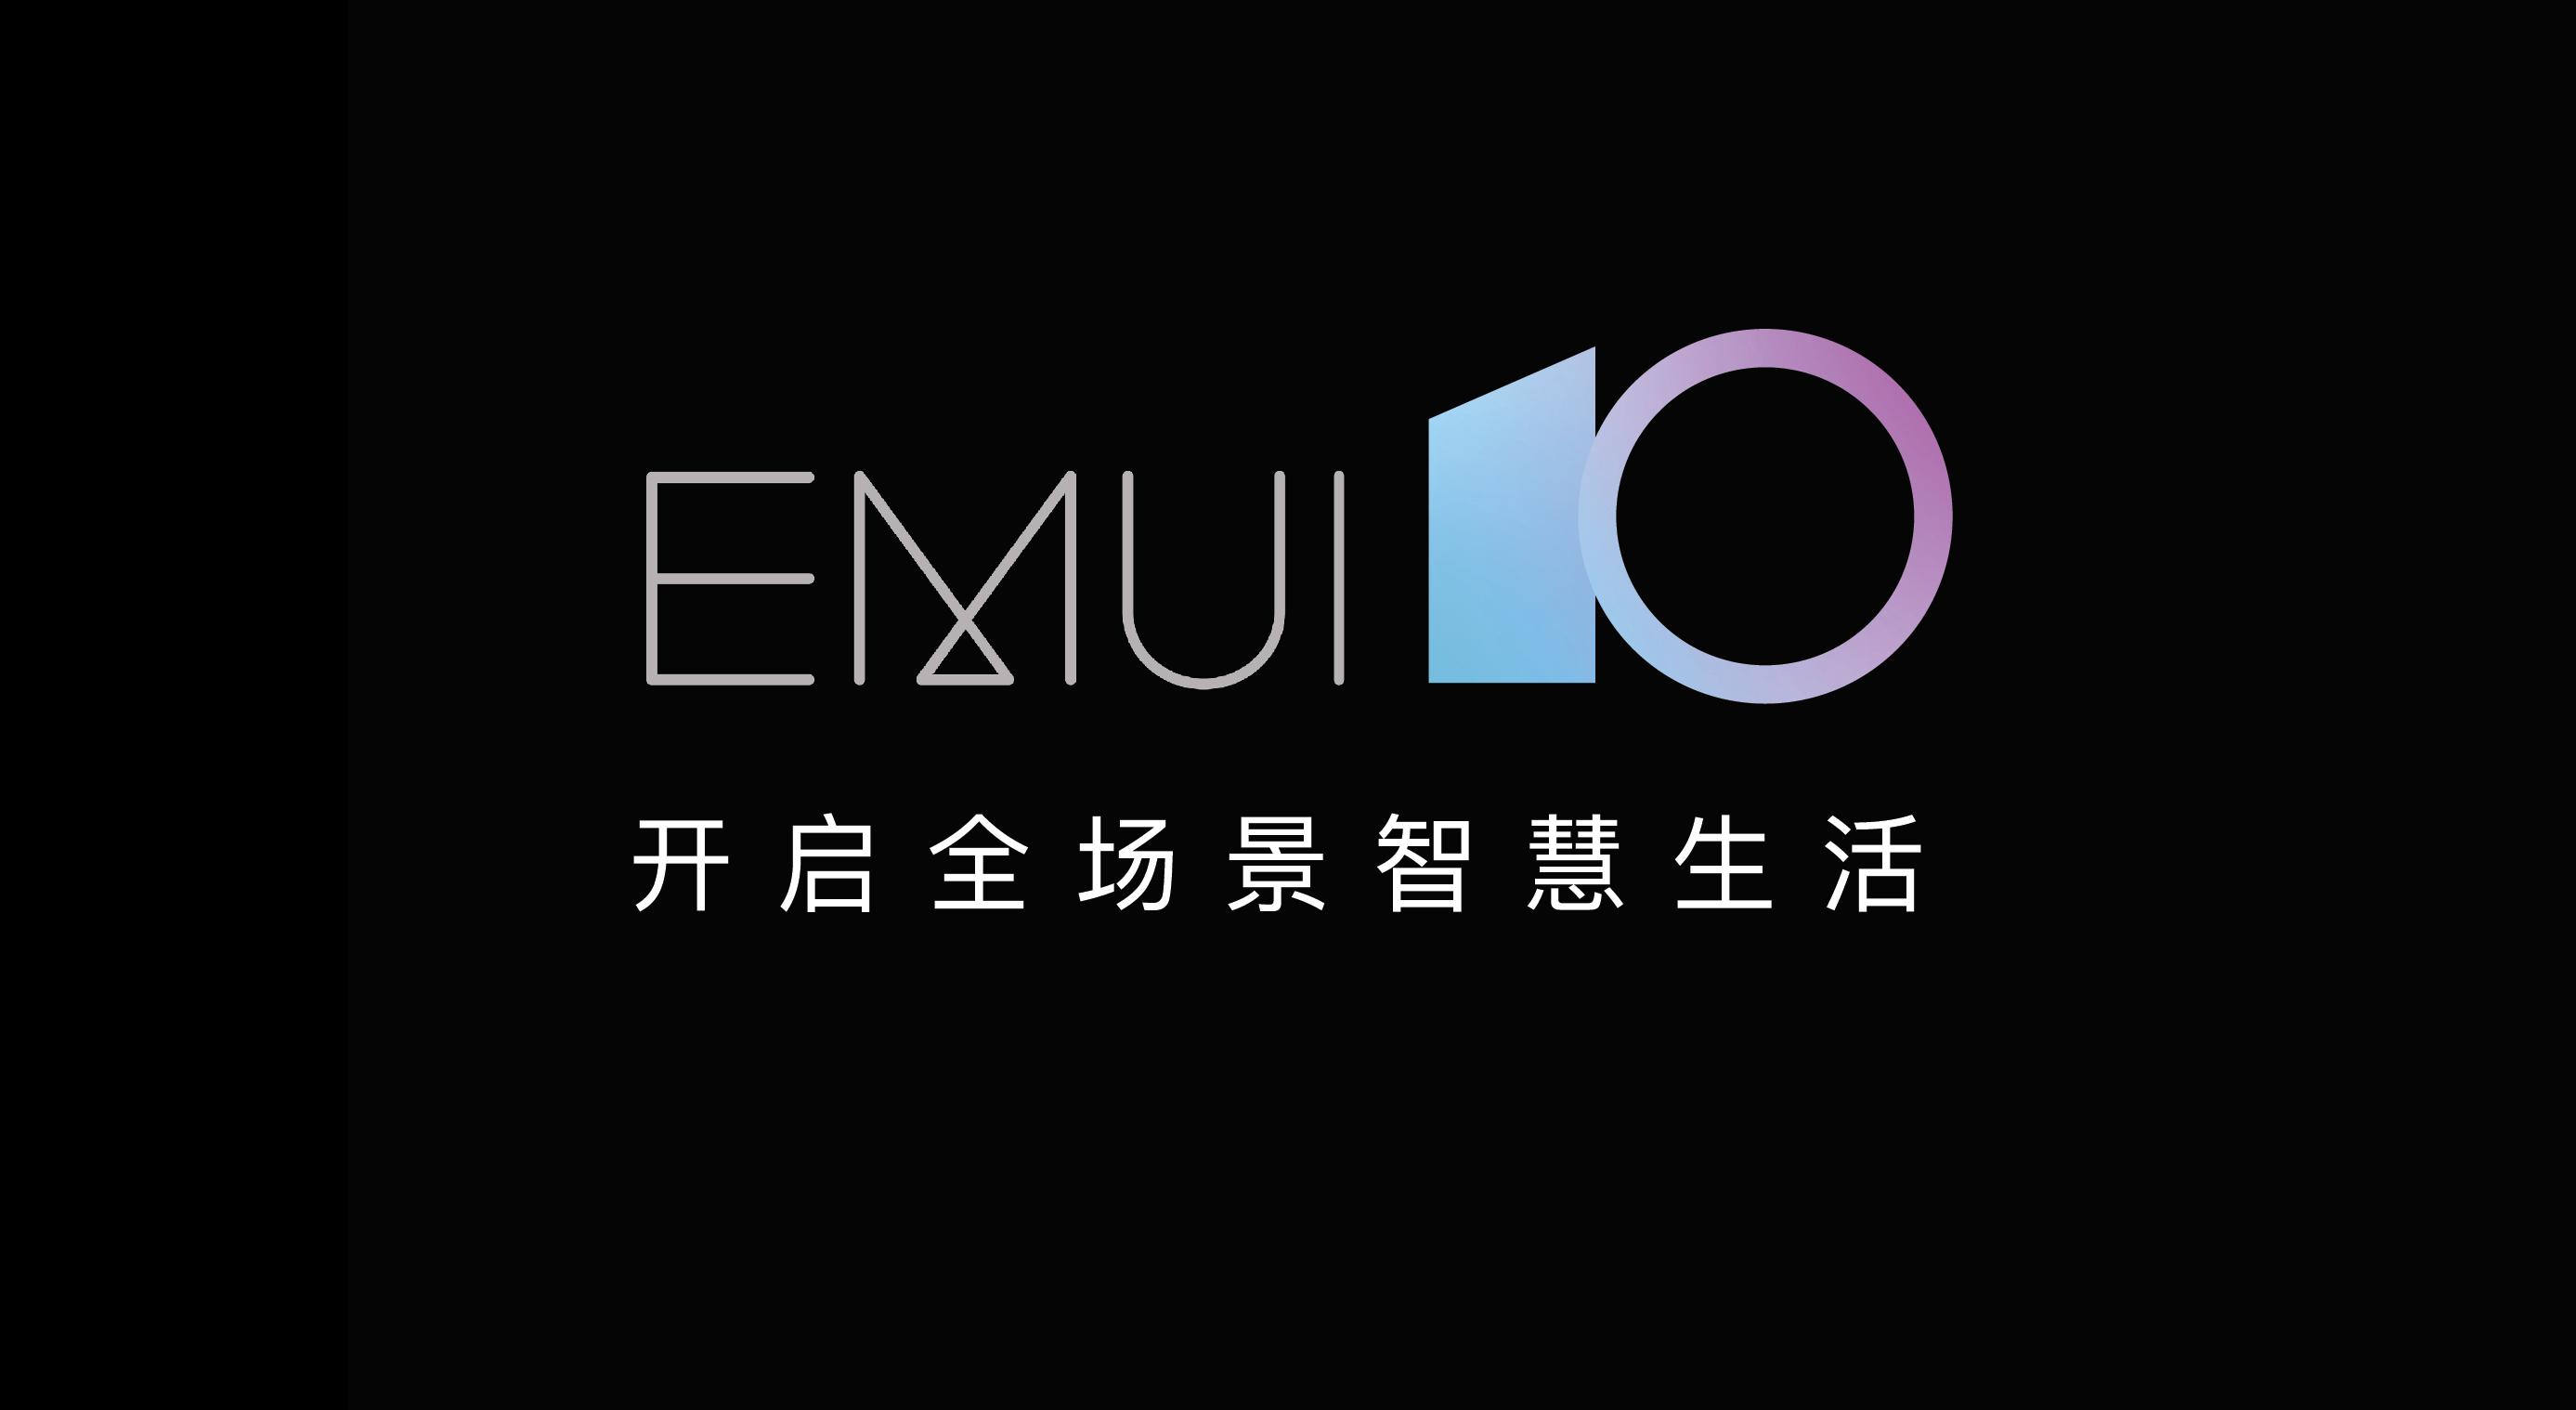 华为EMUI10的强大基因,是如何炼成的?